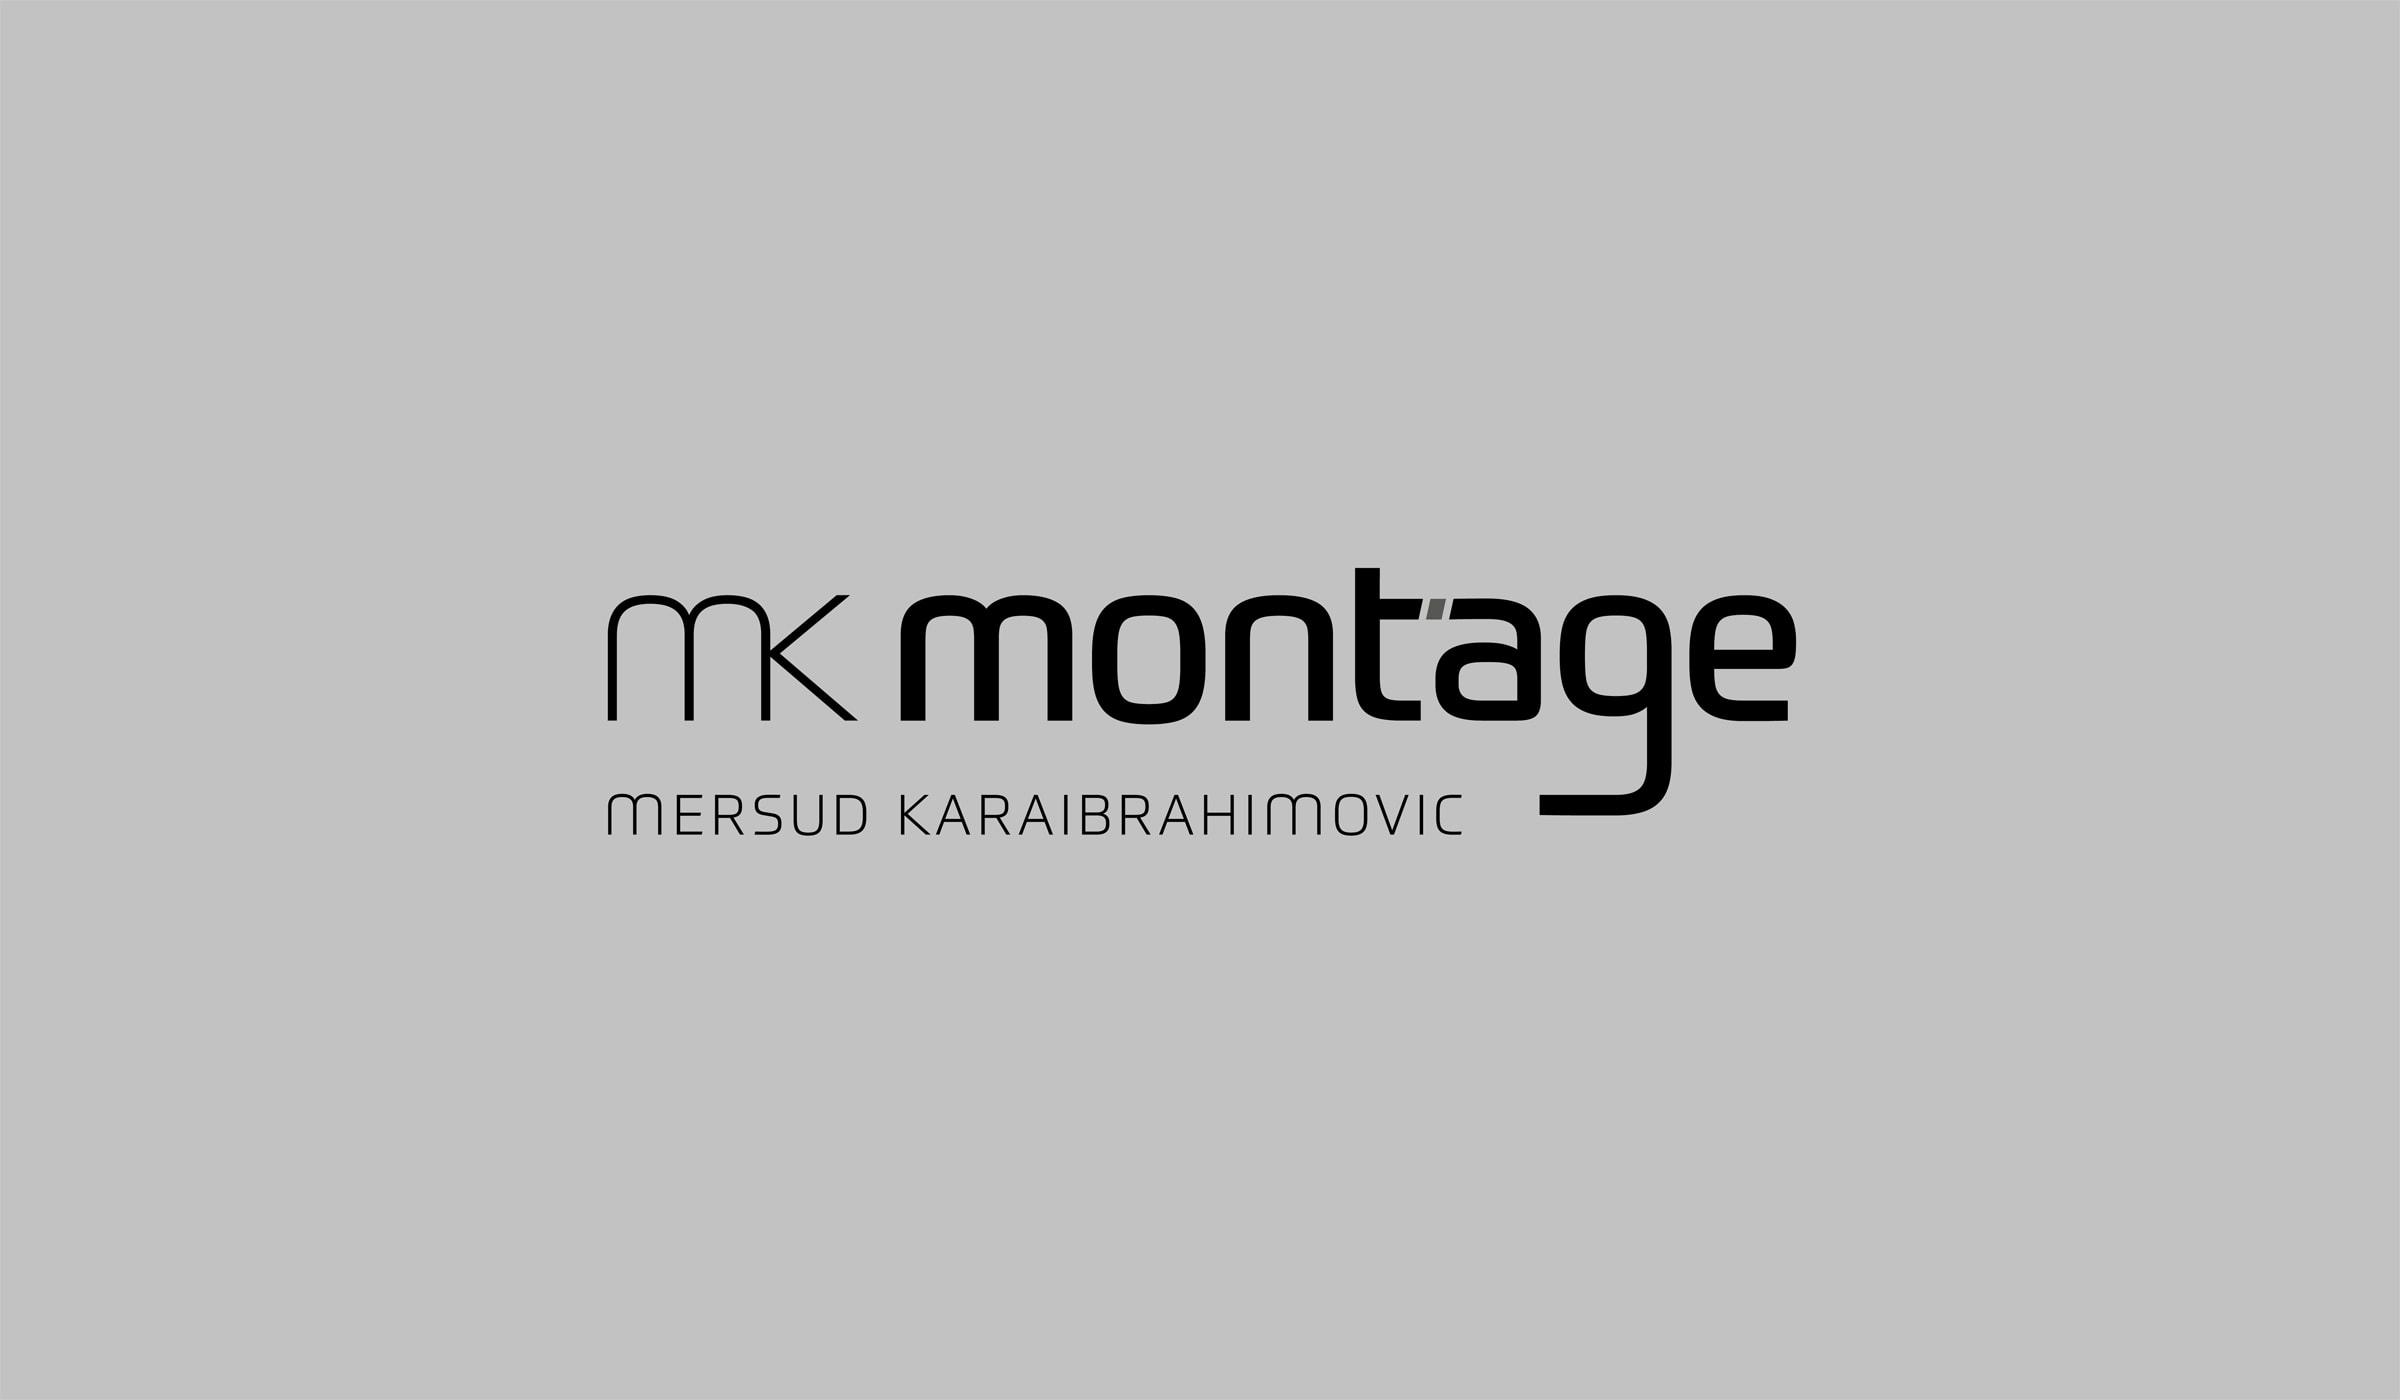 Konzeptarbeit ~ Corporate Design ~ Logodesign // Typologo // mk montage